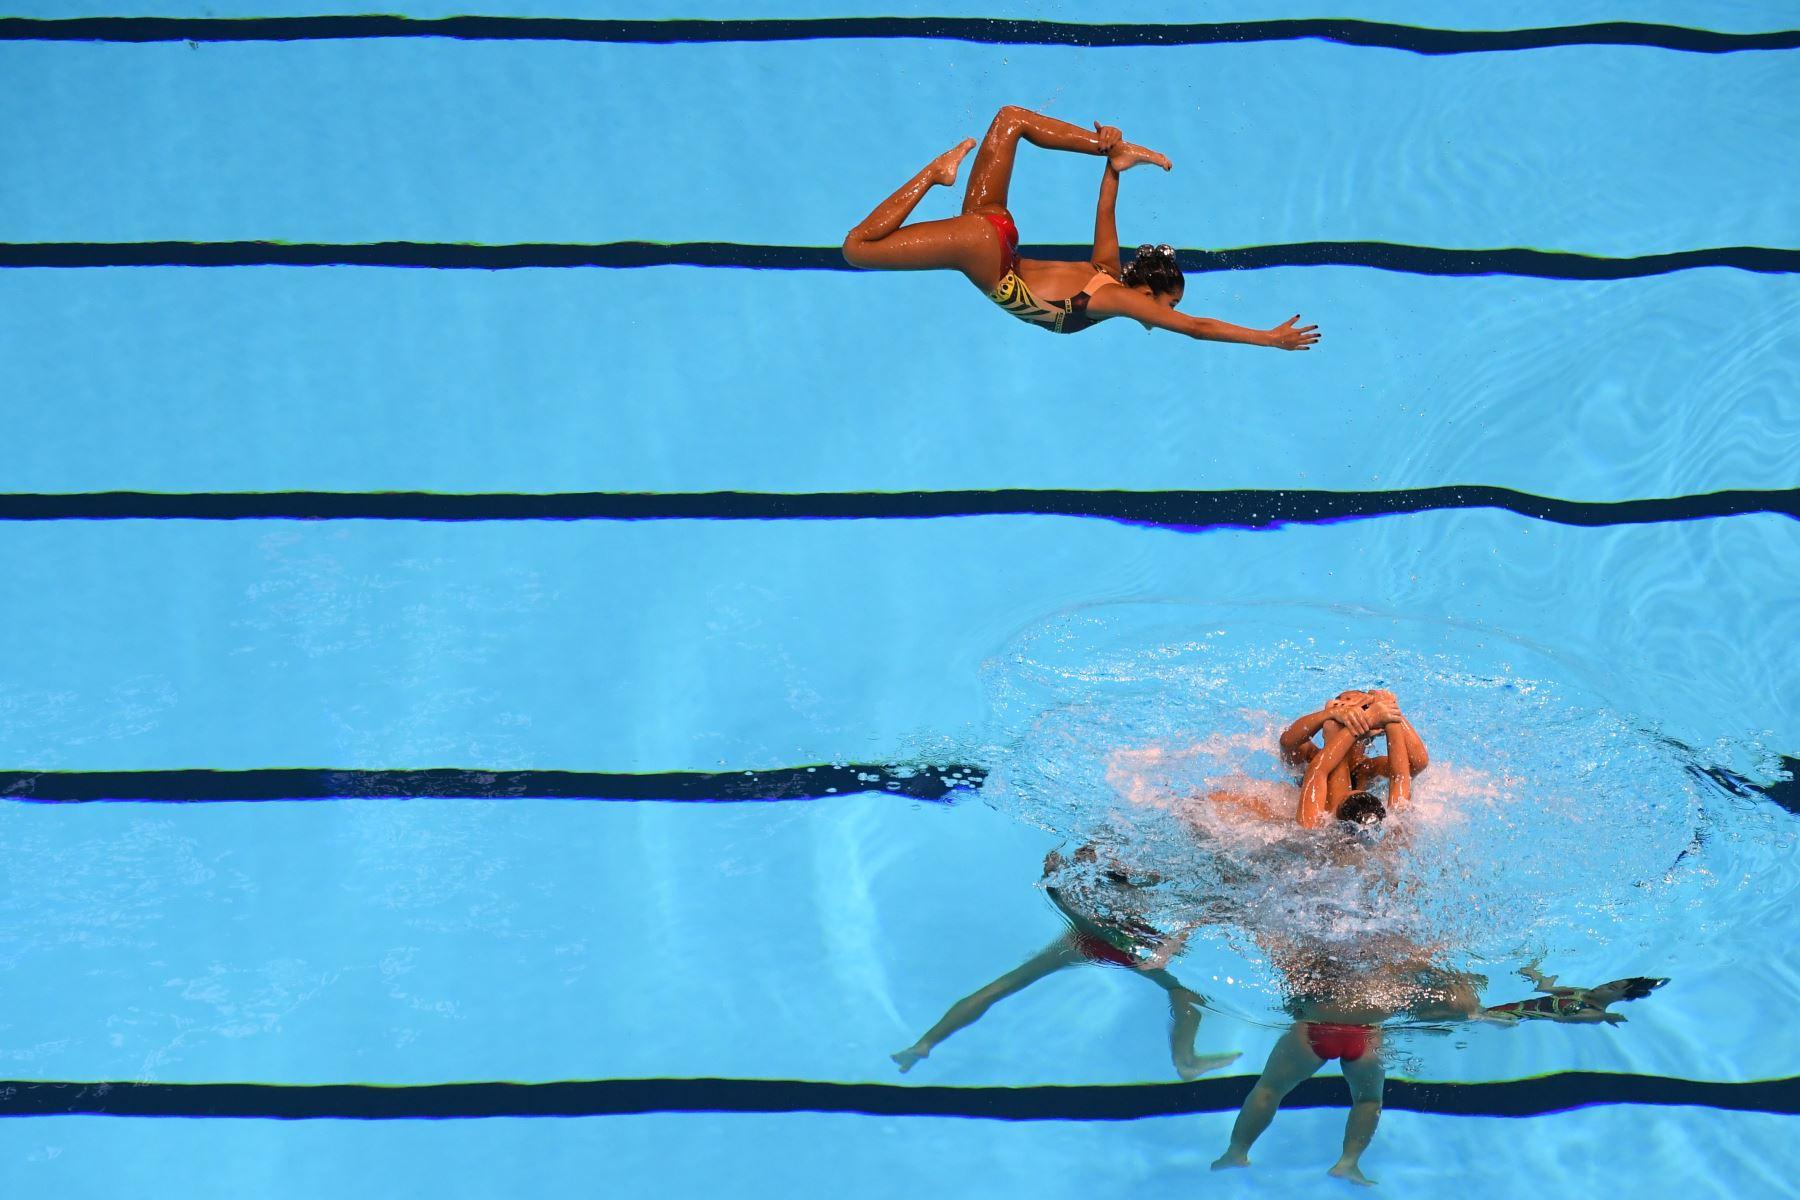 El equipo de Singapur compite en el evento de natación artística durante el campeonato mundial 2019 en Corea del Sur. Foto: AFP